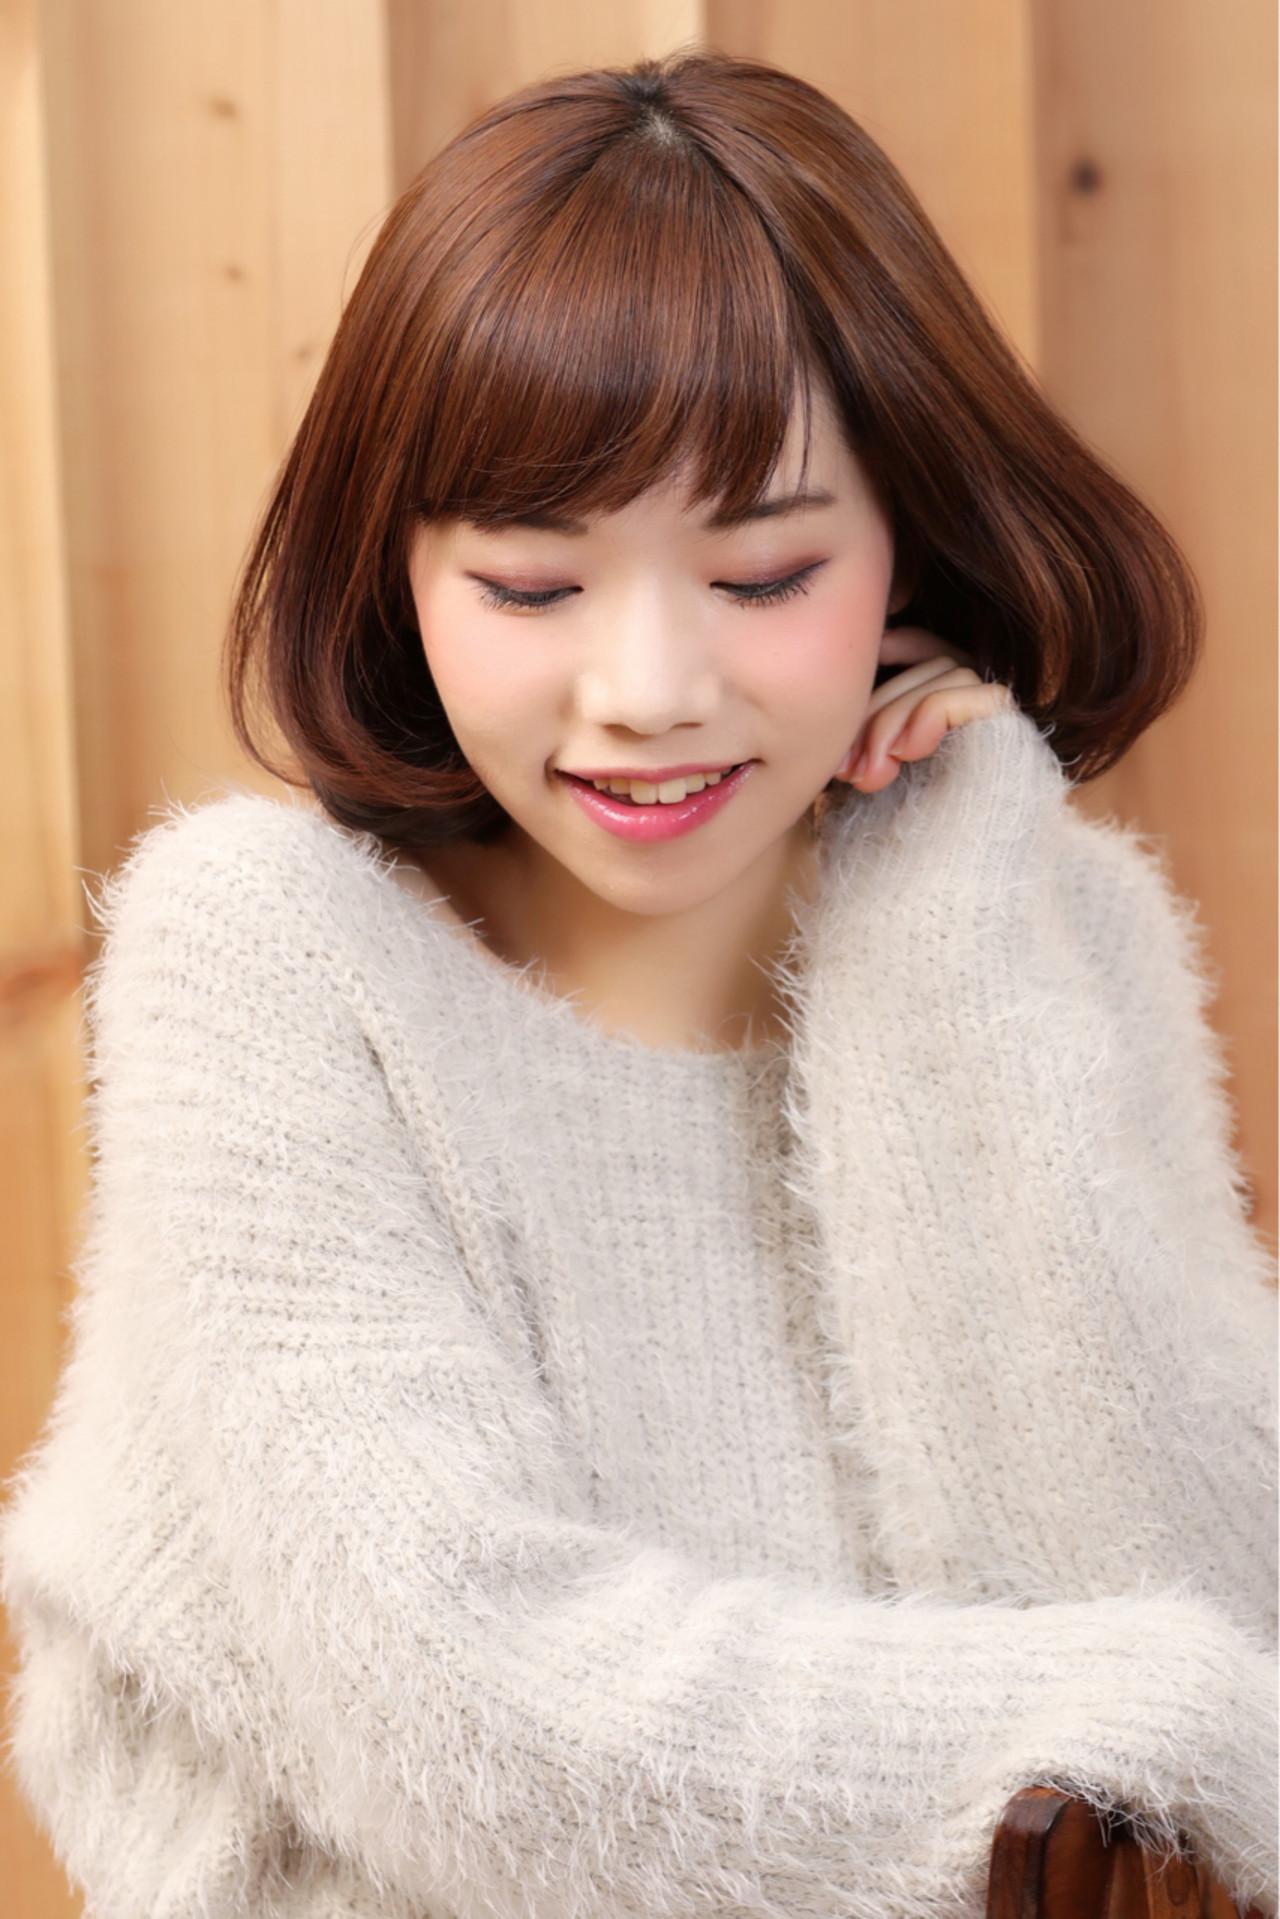 くすみ系ピンクカラーで女性らしさを強調 大嶋 理紗